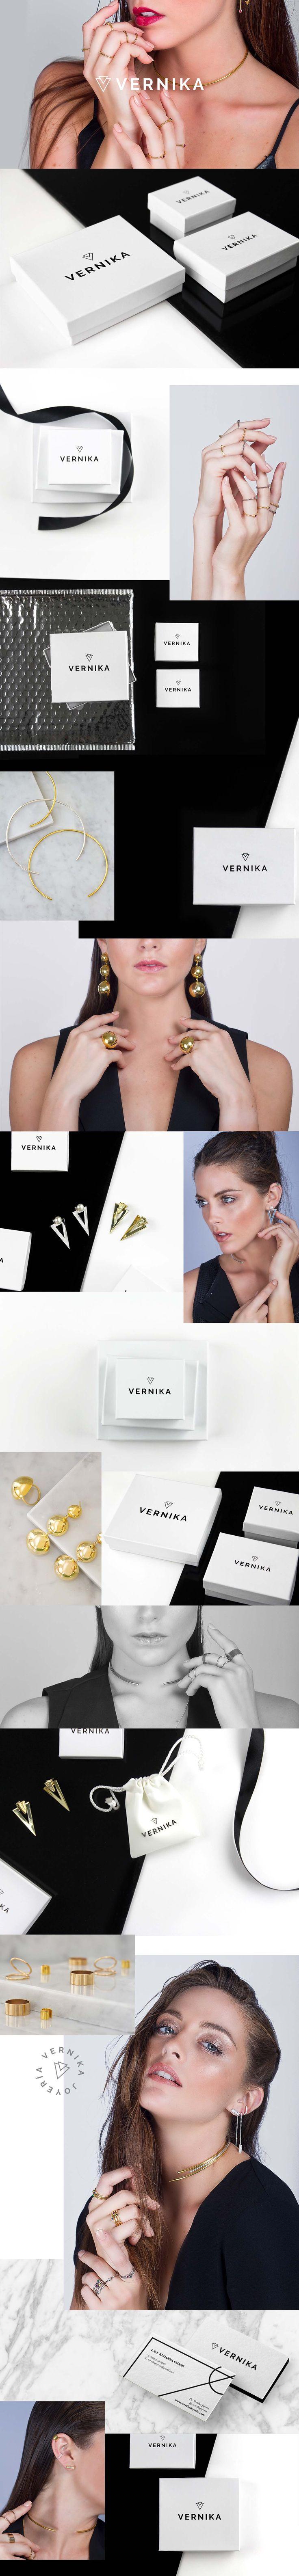 Jewelry branding Vernika Joyería by Puro Diseño https://www.behance.net/gallery/47570819/Vernika-Joyeria www.purodiseno.rocks